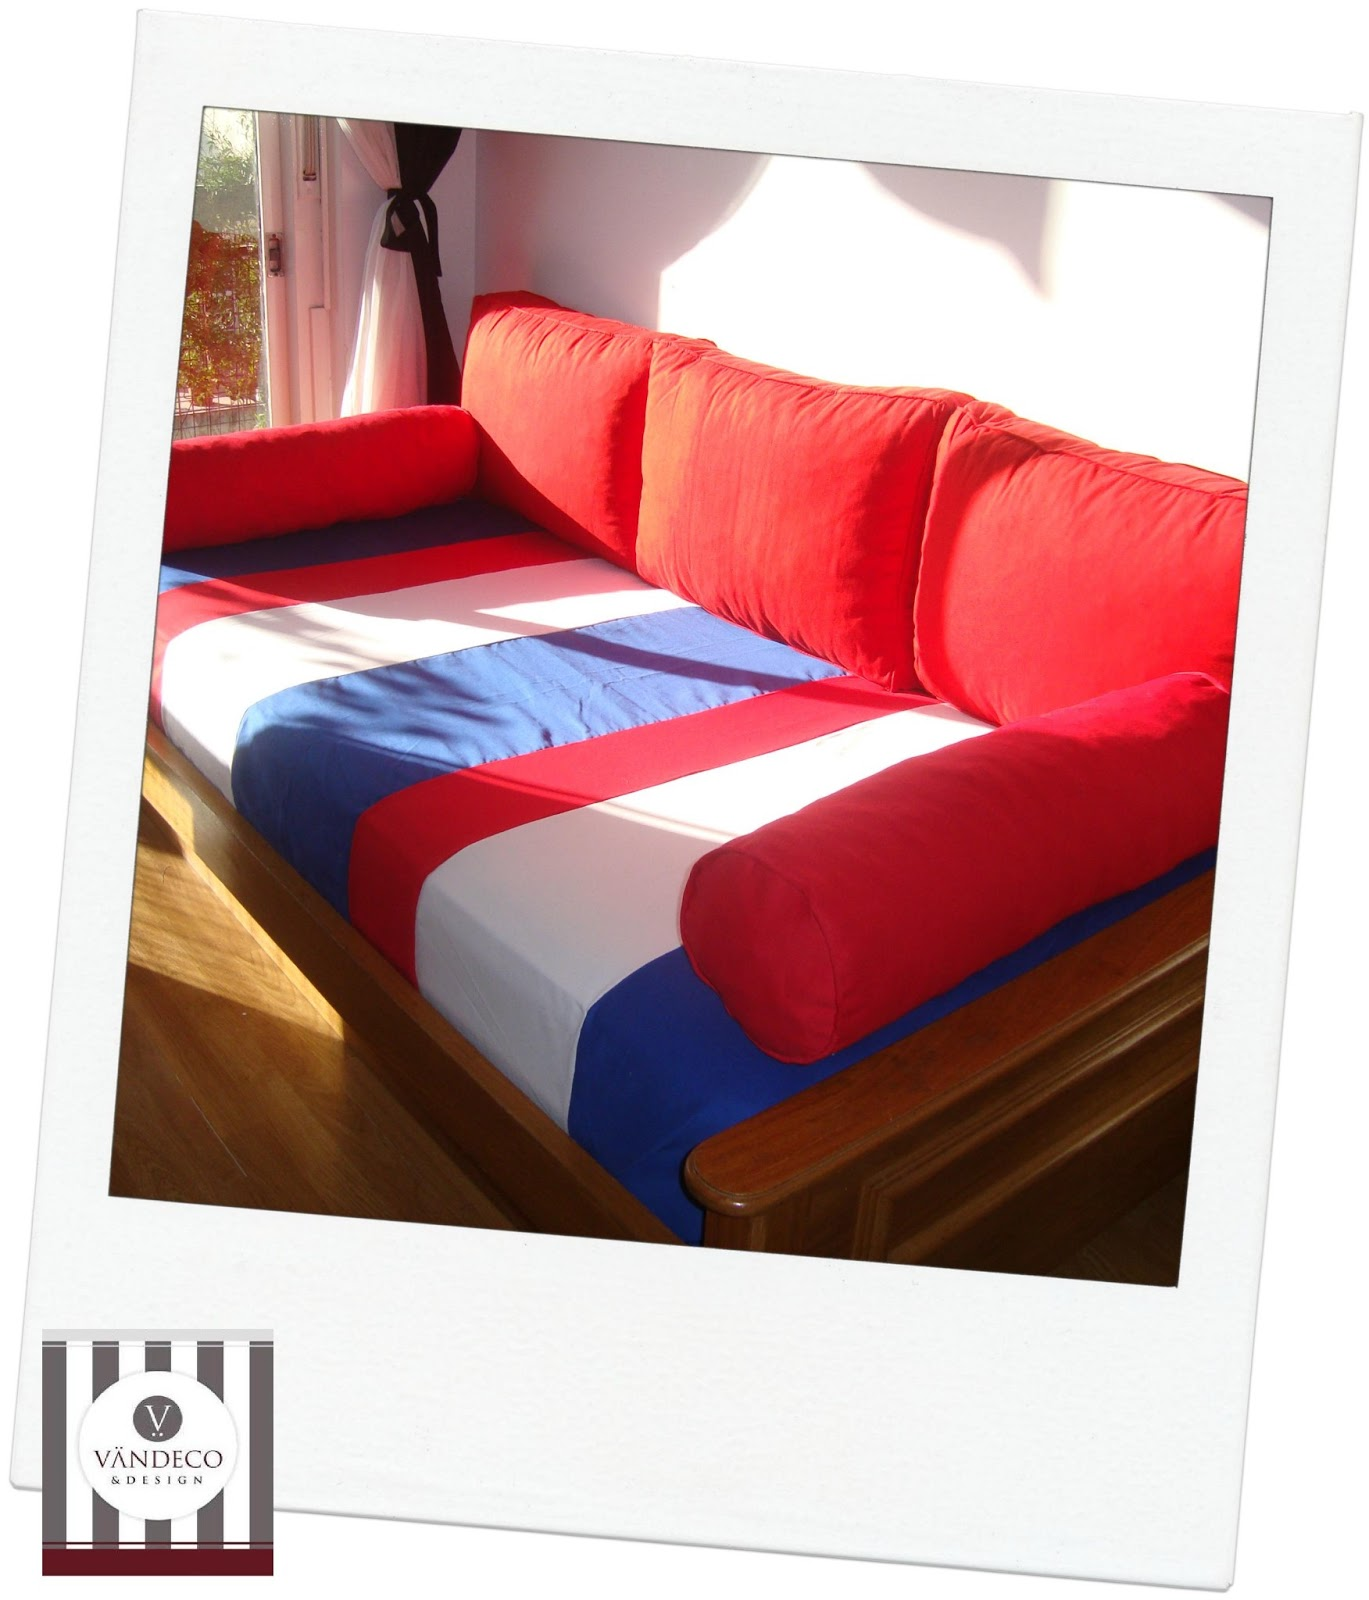 V ndeco design mas ideas de kits para convertir una cama for Sofas cama de 90 de ancho